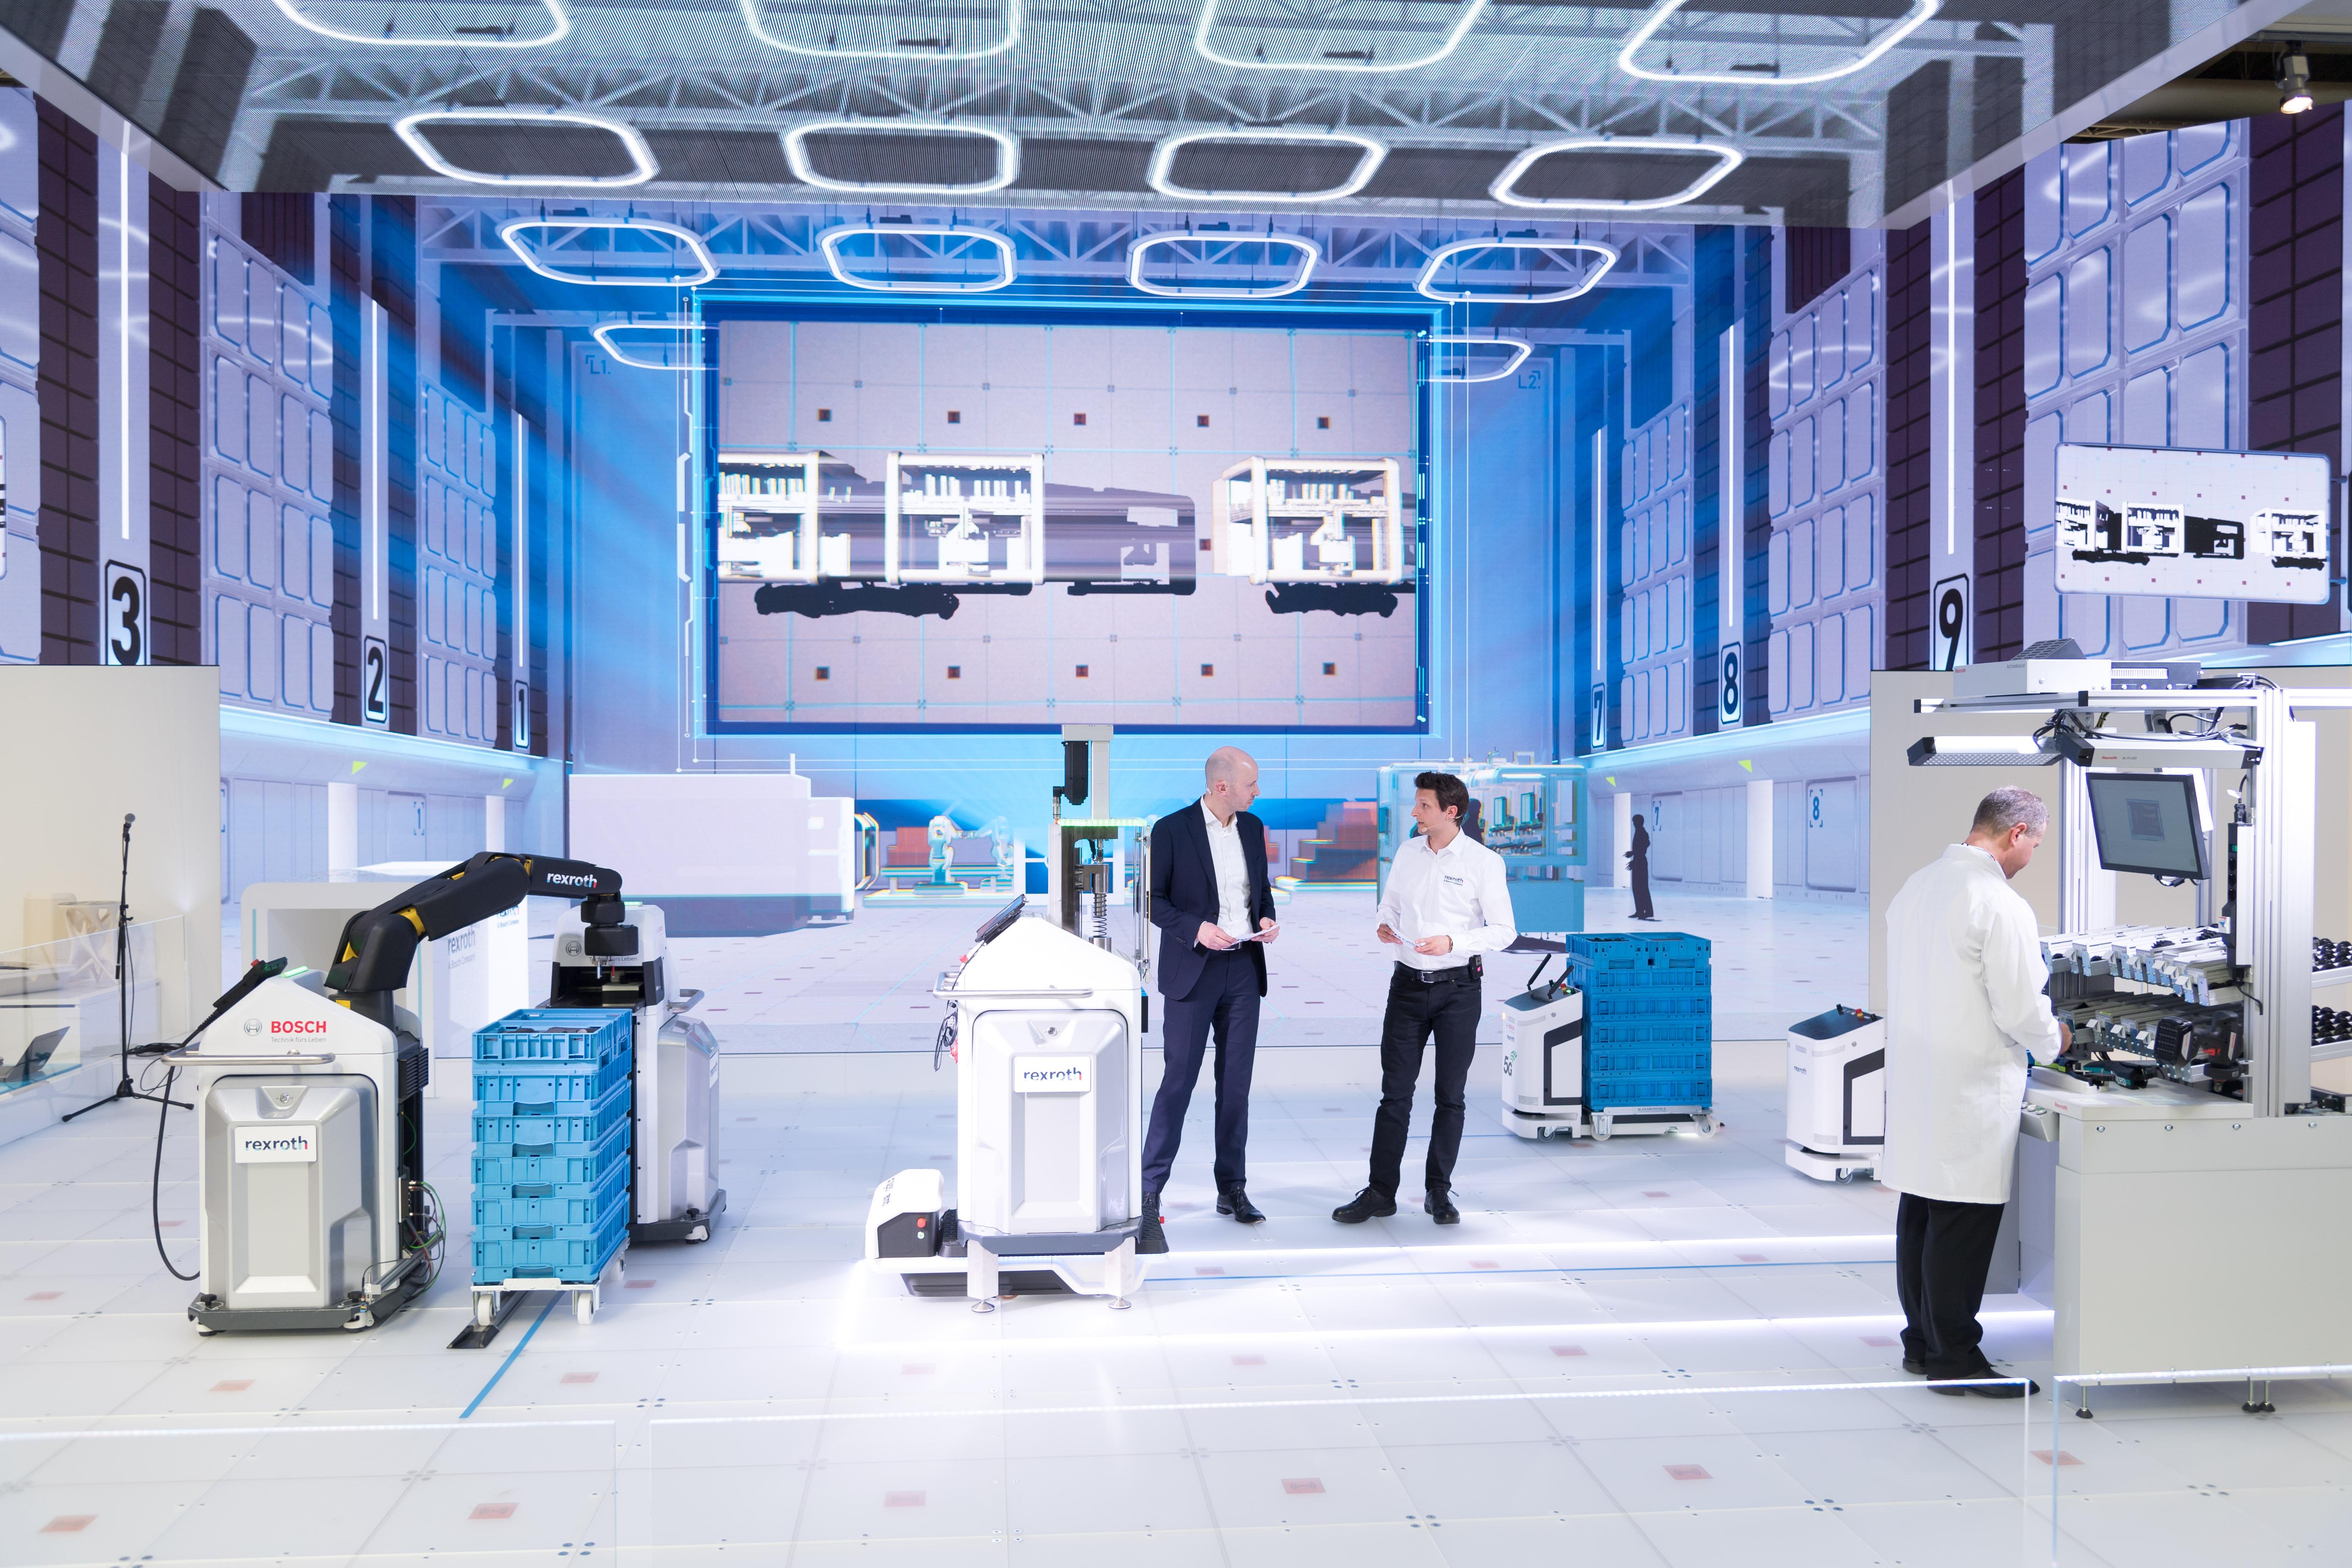 Na veľtrhu Hannover Messe 2019 predstavuje Bosch inovatívne riešenia pre továreň budúcnosti